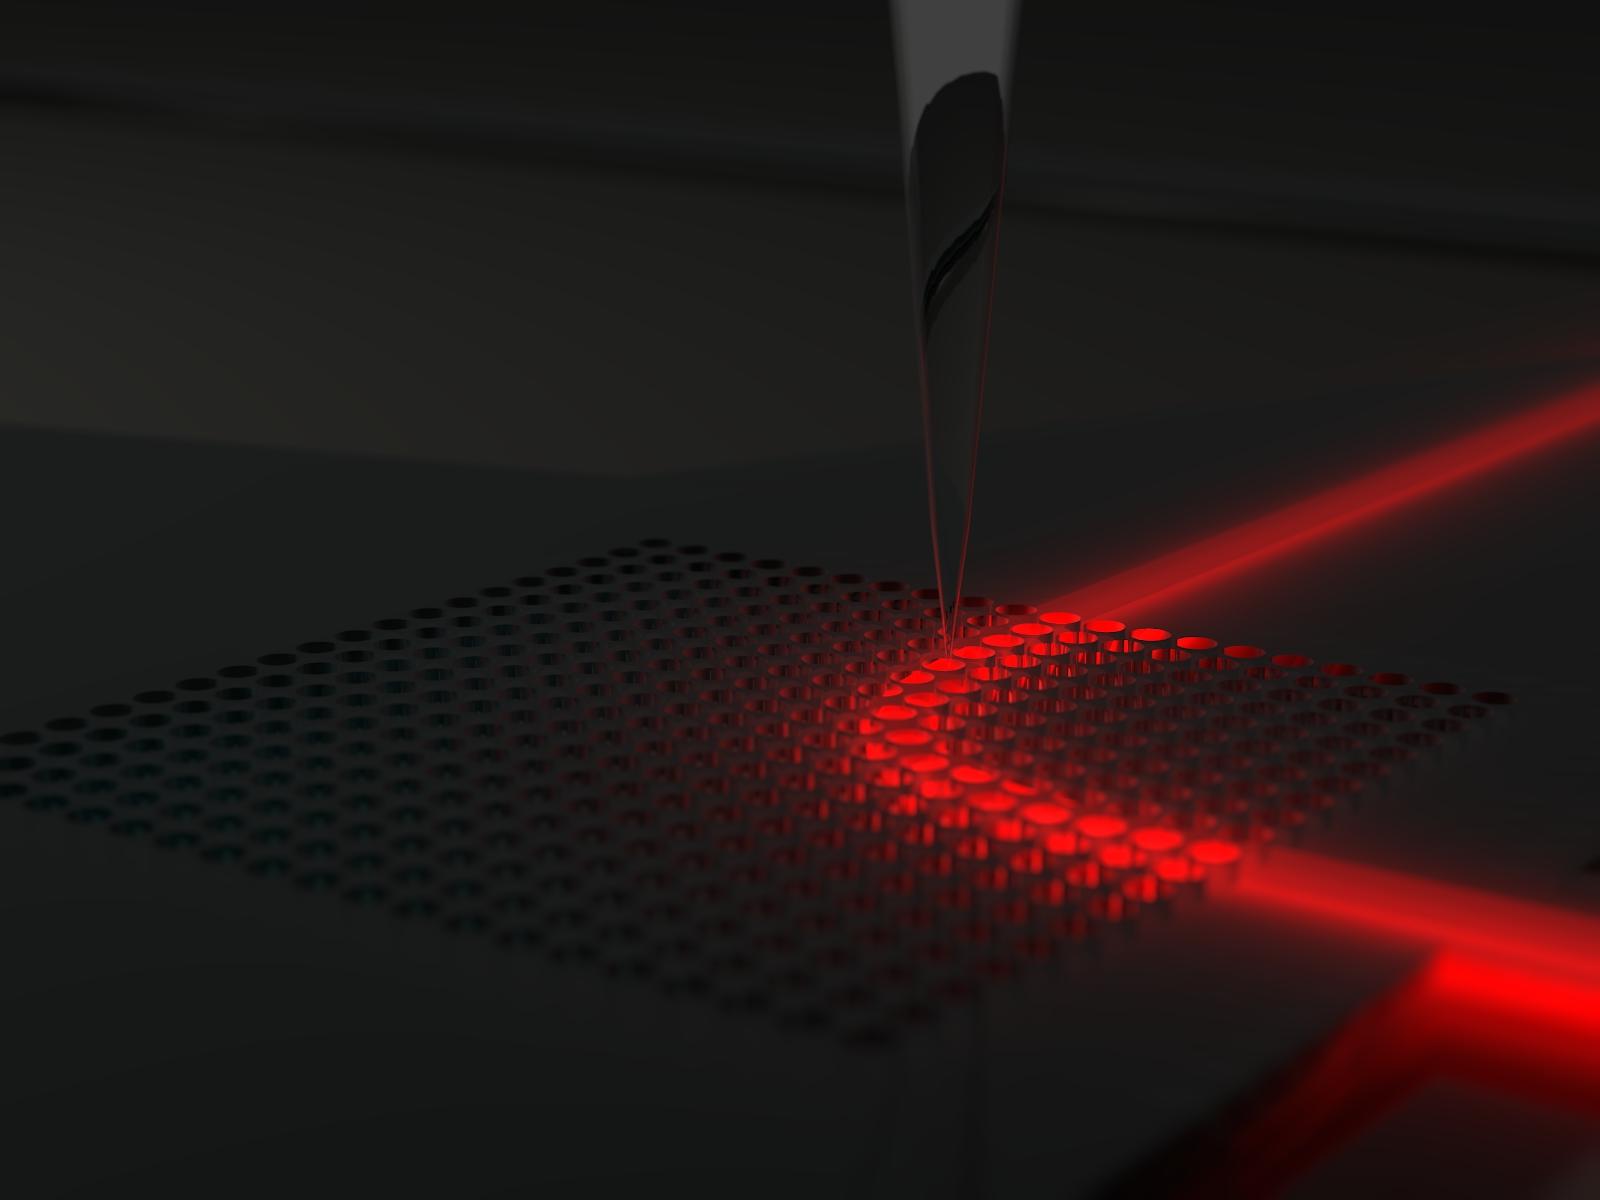 Lumière courbe dans un cristal photonique à gradient - vue d'artiste